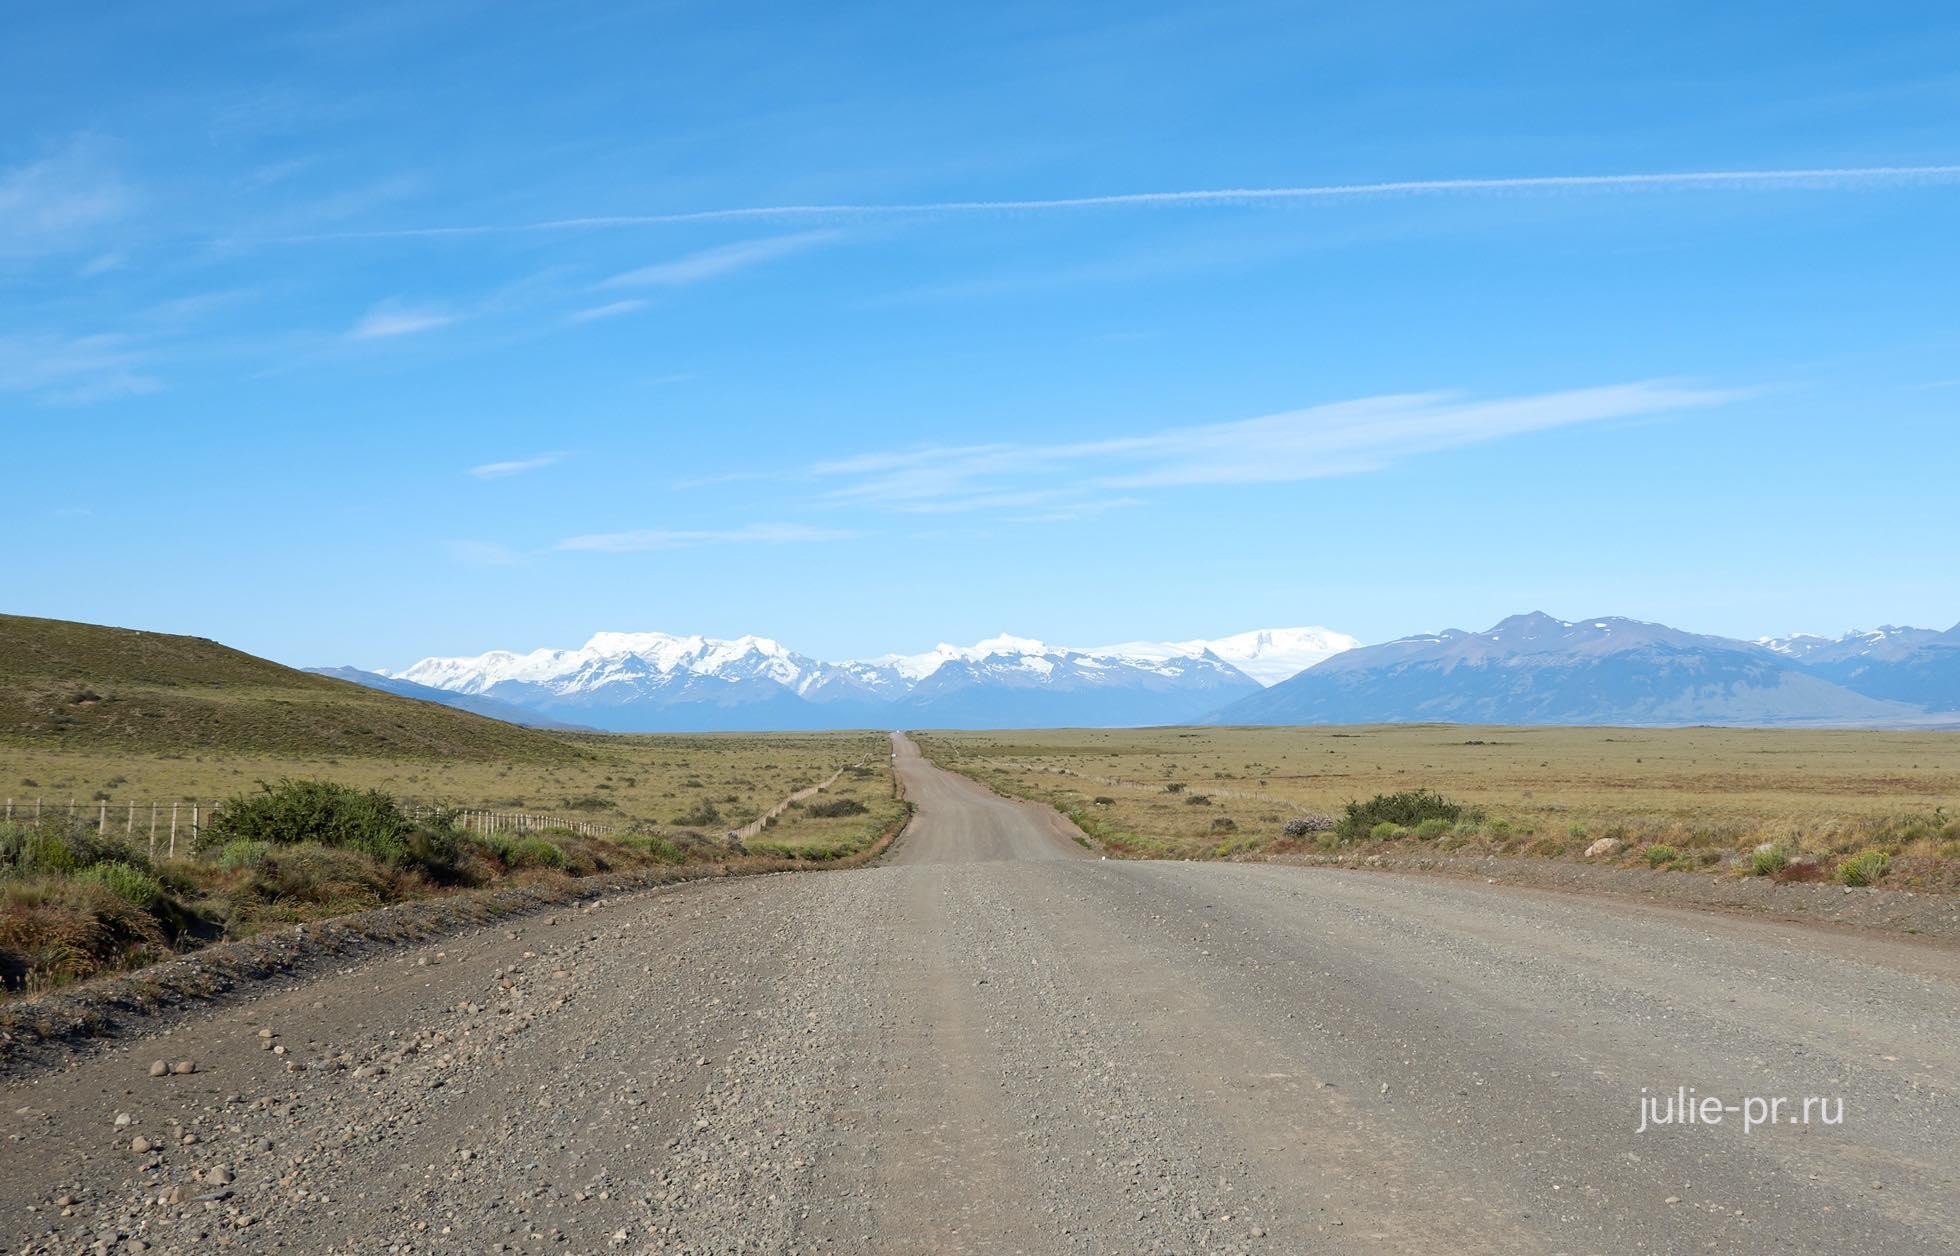 Аргентина, Патагония, дорога